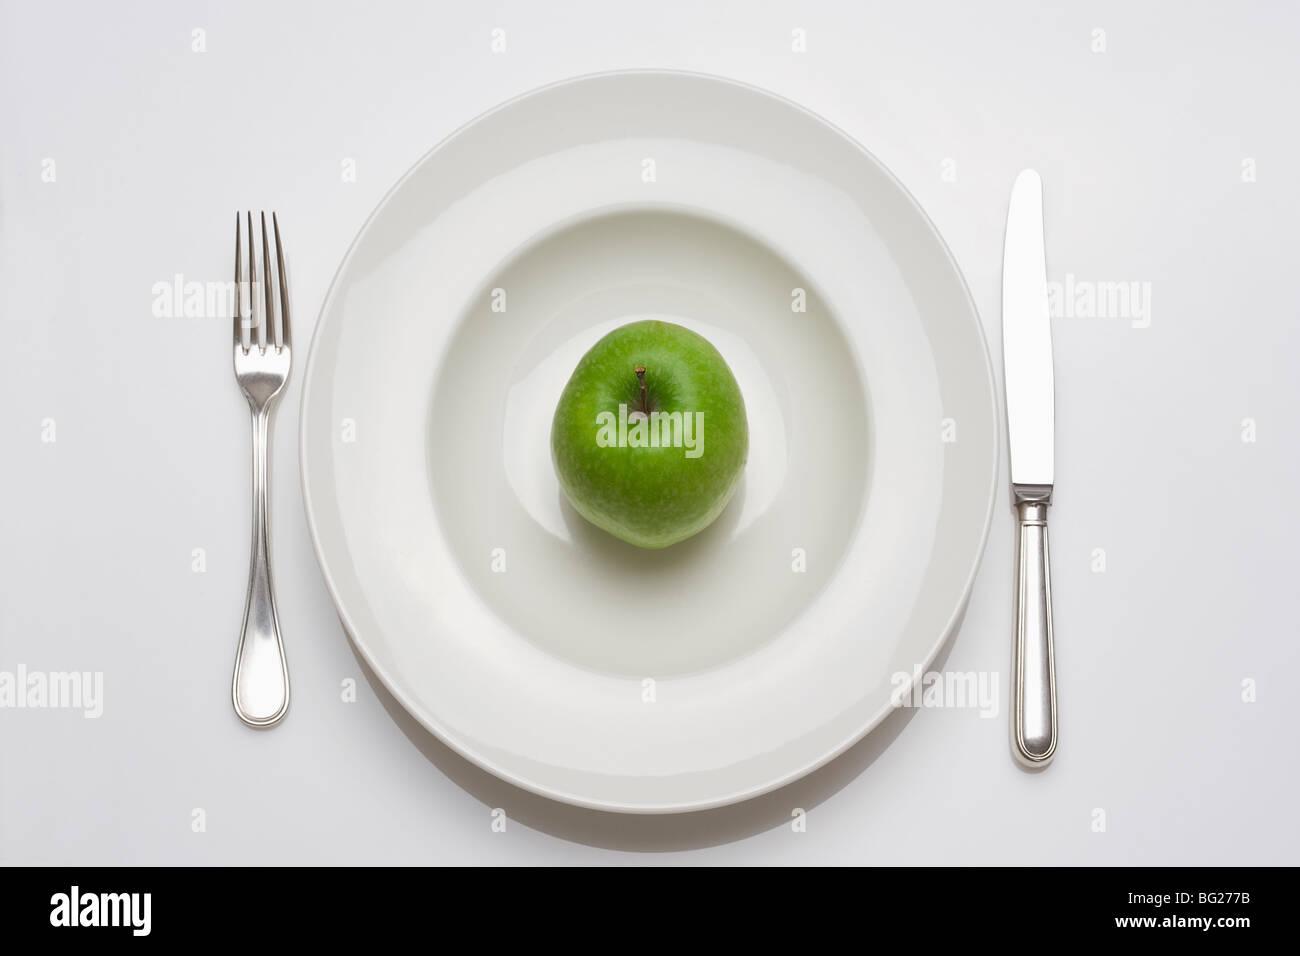 Régime alimentaire - pomme verte sur une plaque blanche avec fourchette et couteau Photo Stock